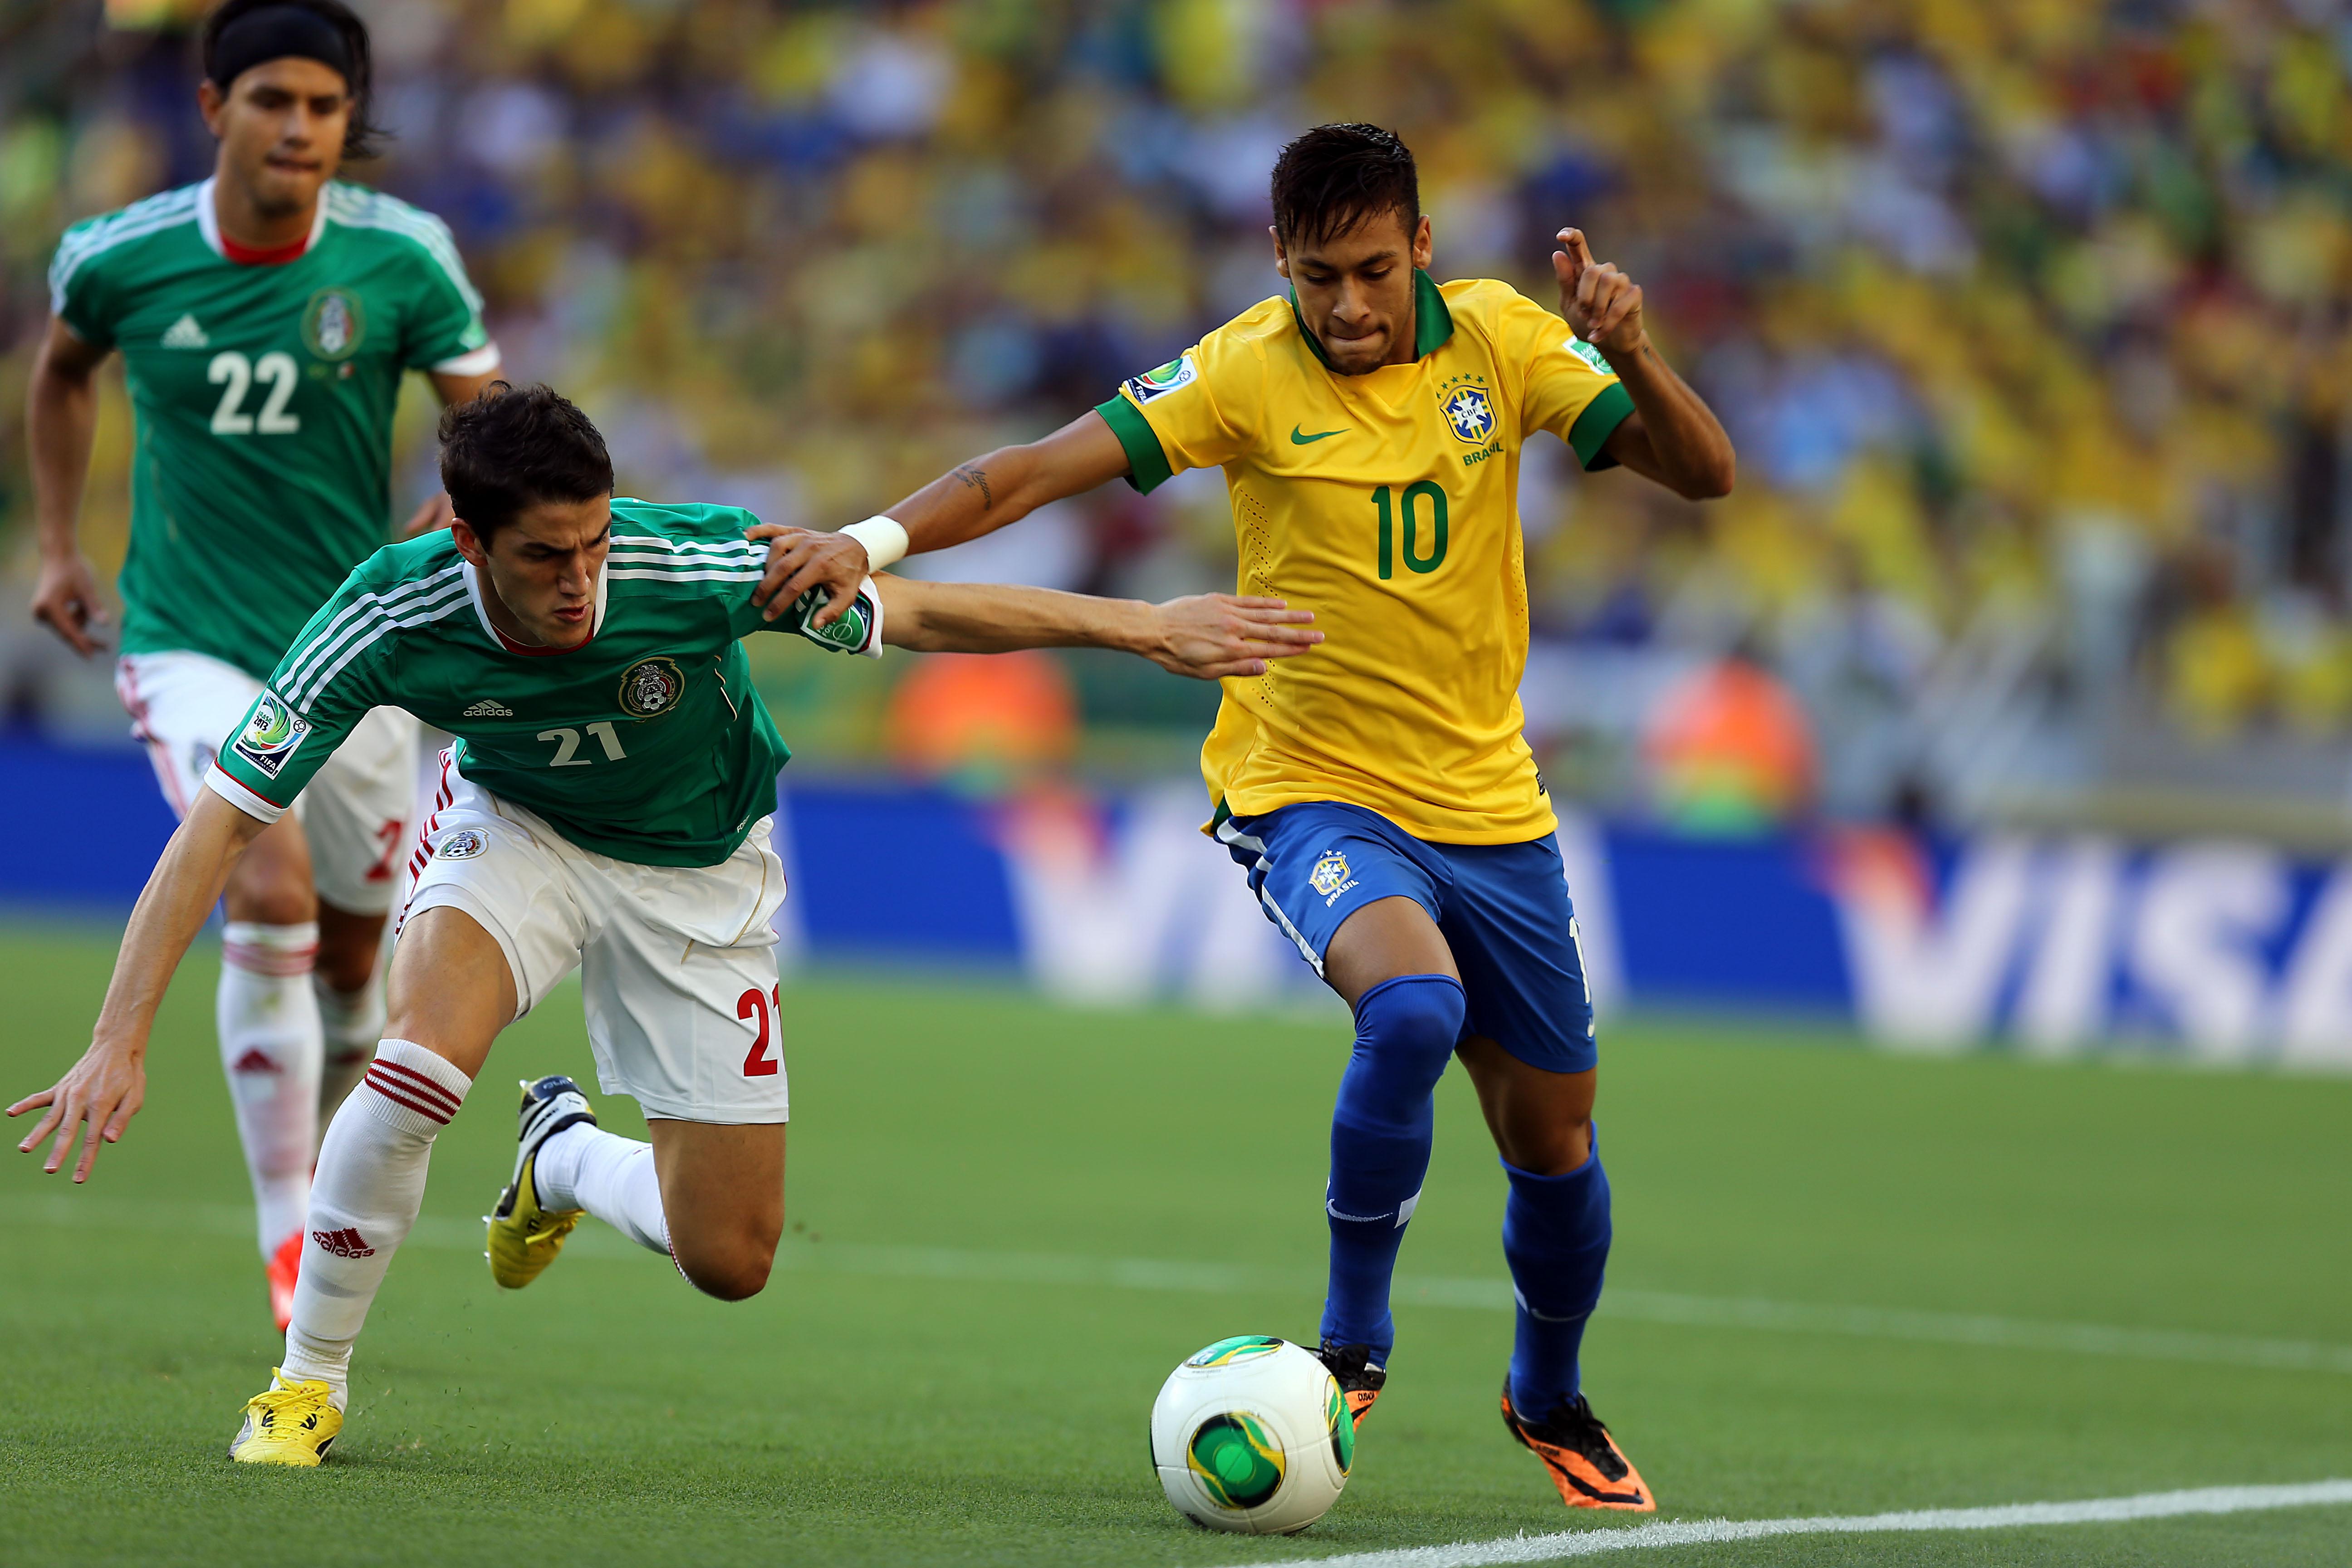 Dunga convoca Cássio e põe Neymar no lugar de Lucas